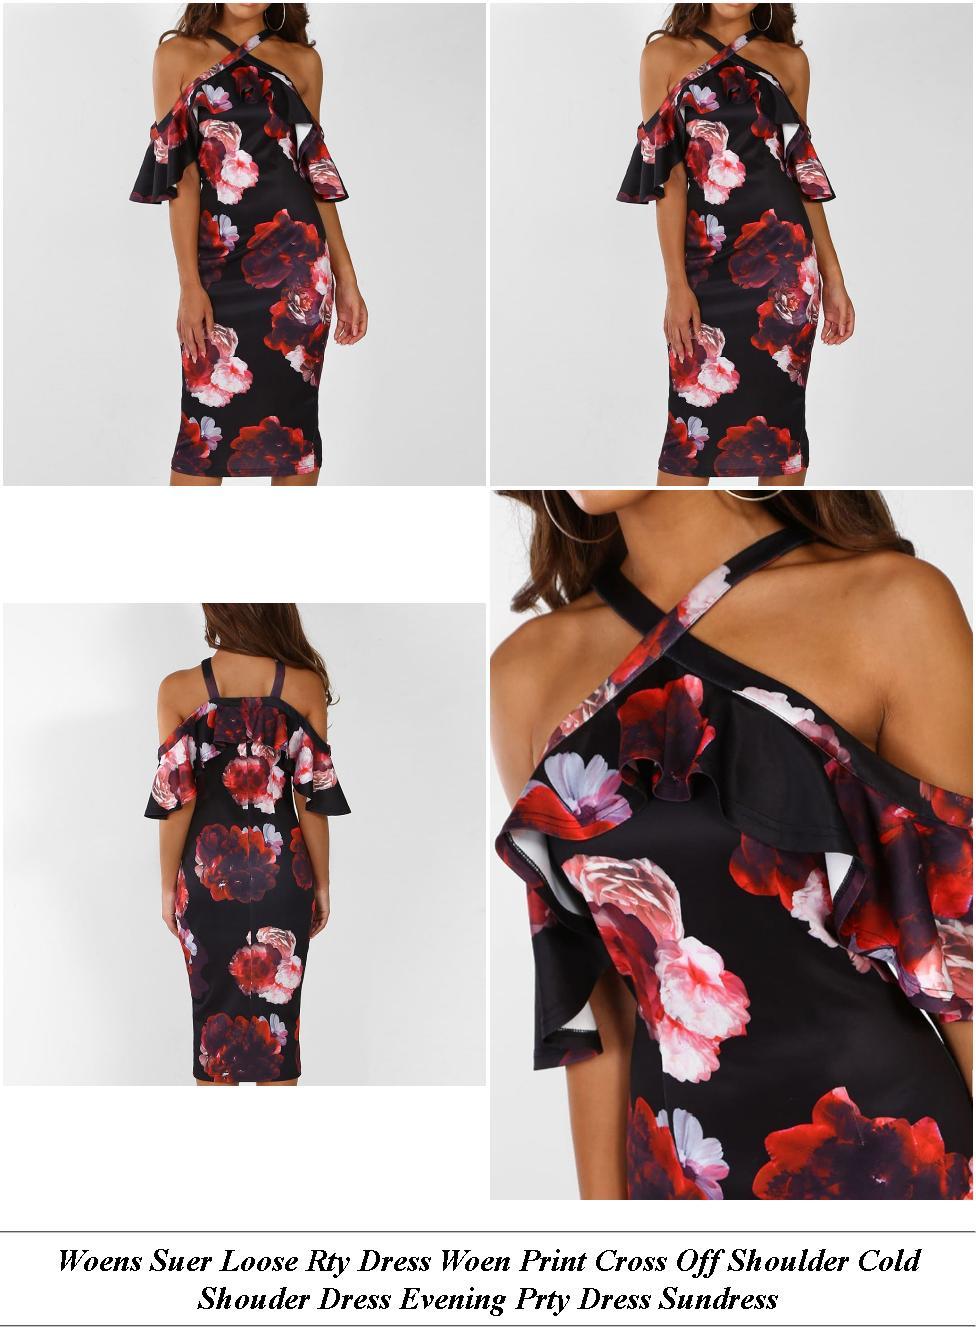 Womans Dresses - Winter Clearance Sale - A Line Dress - Cheap Fashion Clothes